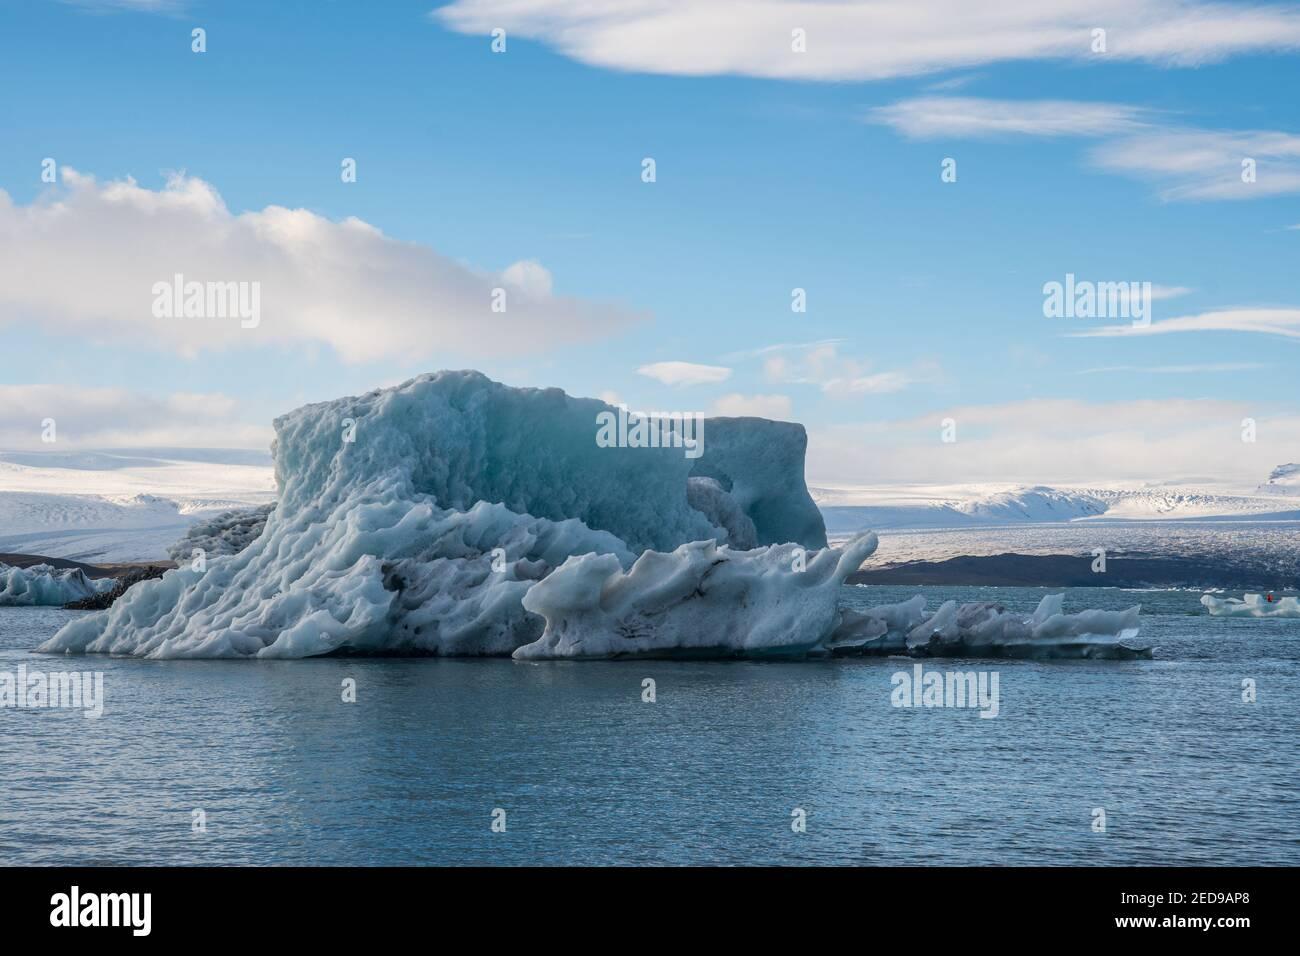 Icebergs on Jokulsarlon Glacier Lagoon in south Iceland Stock Photo